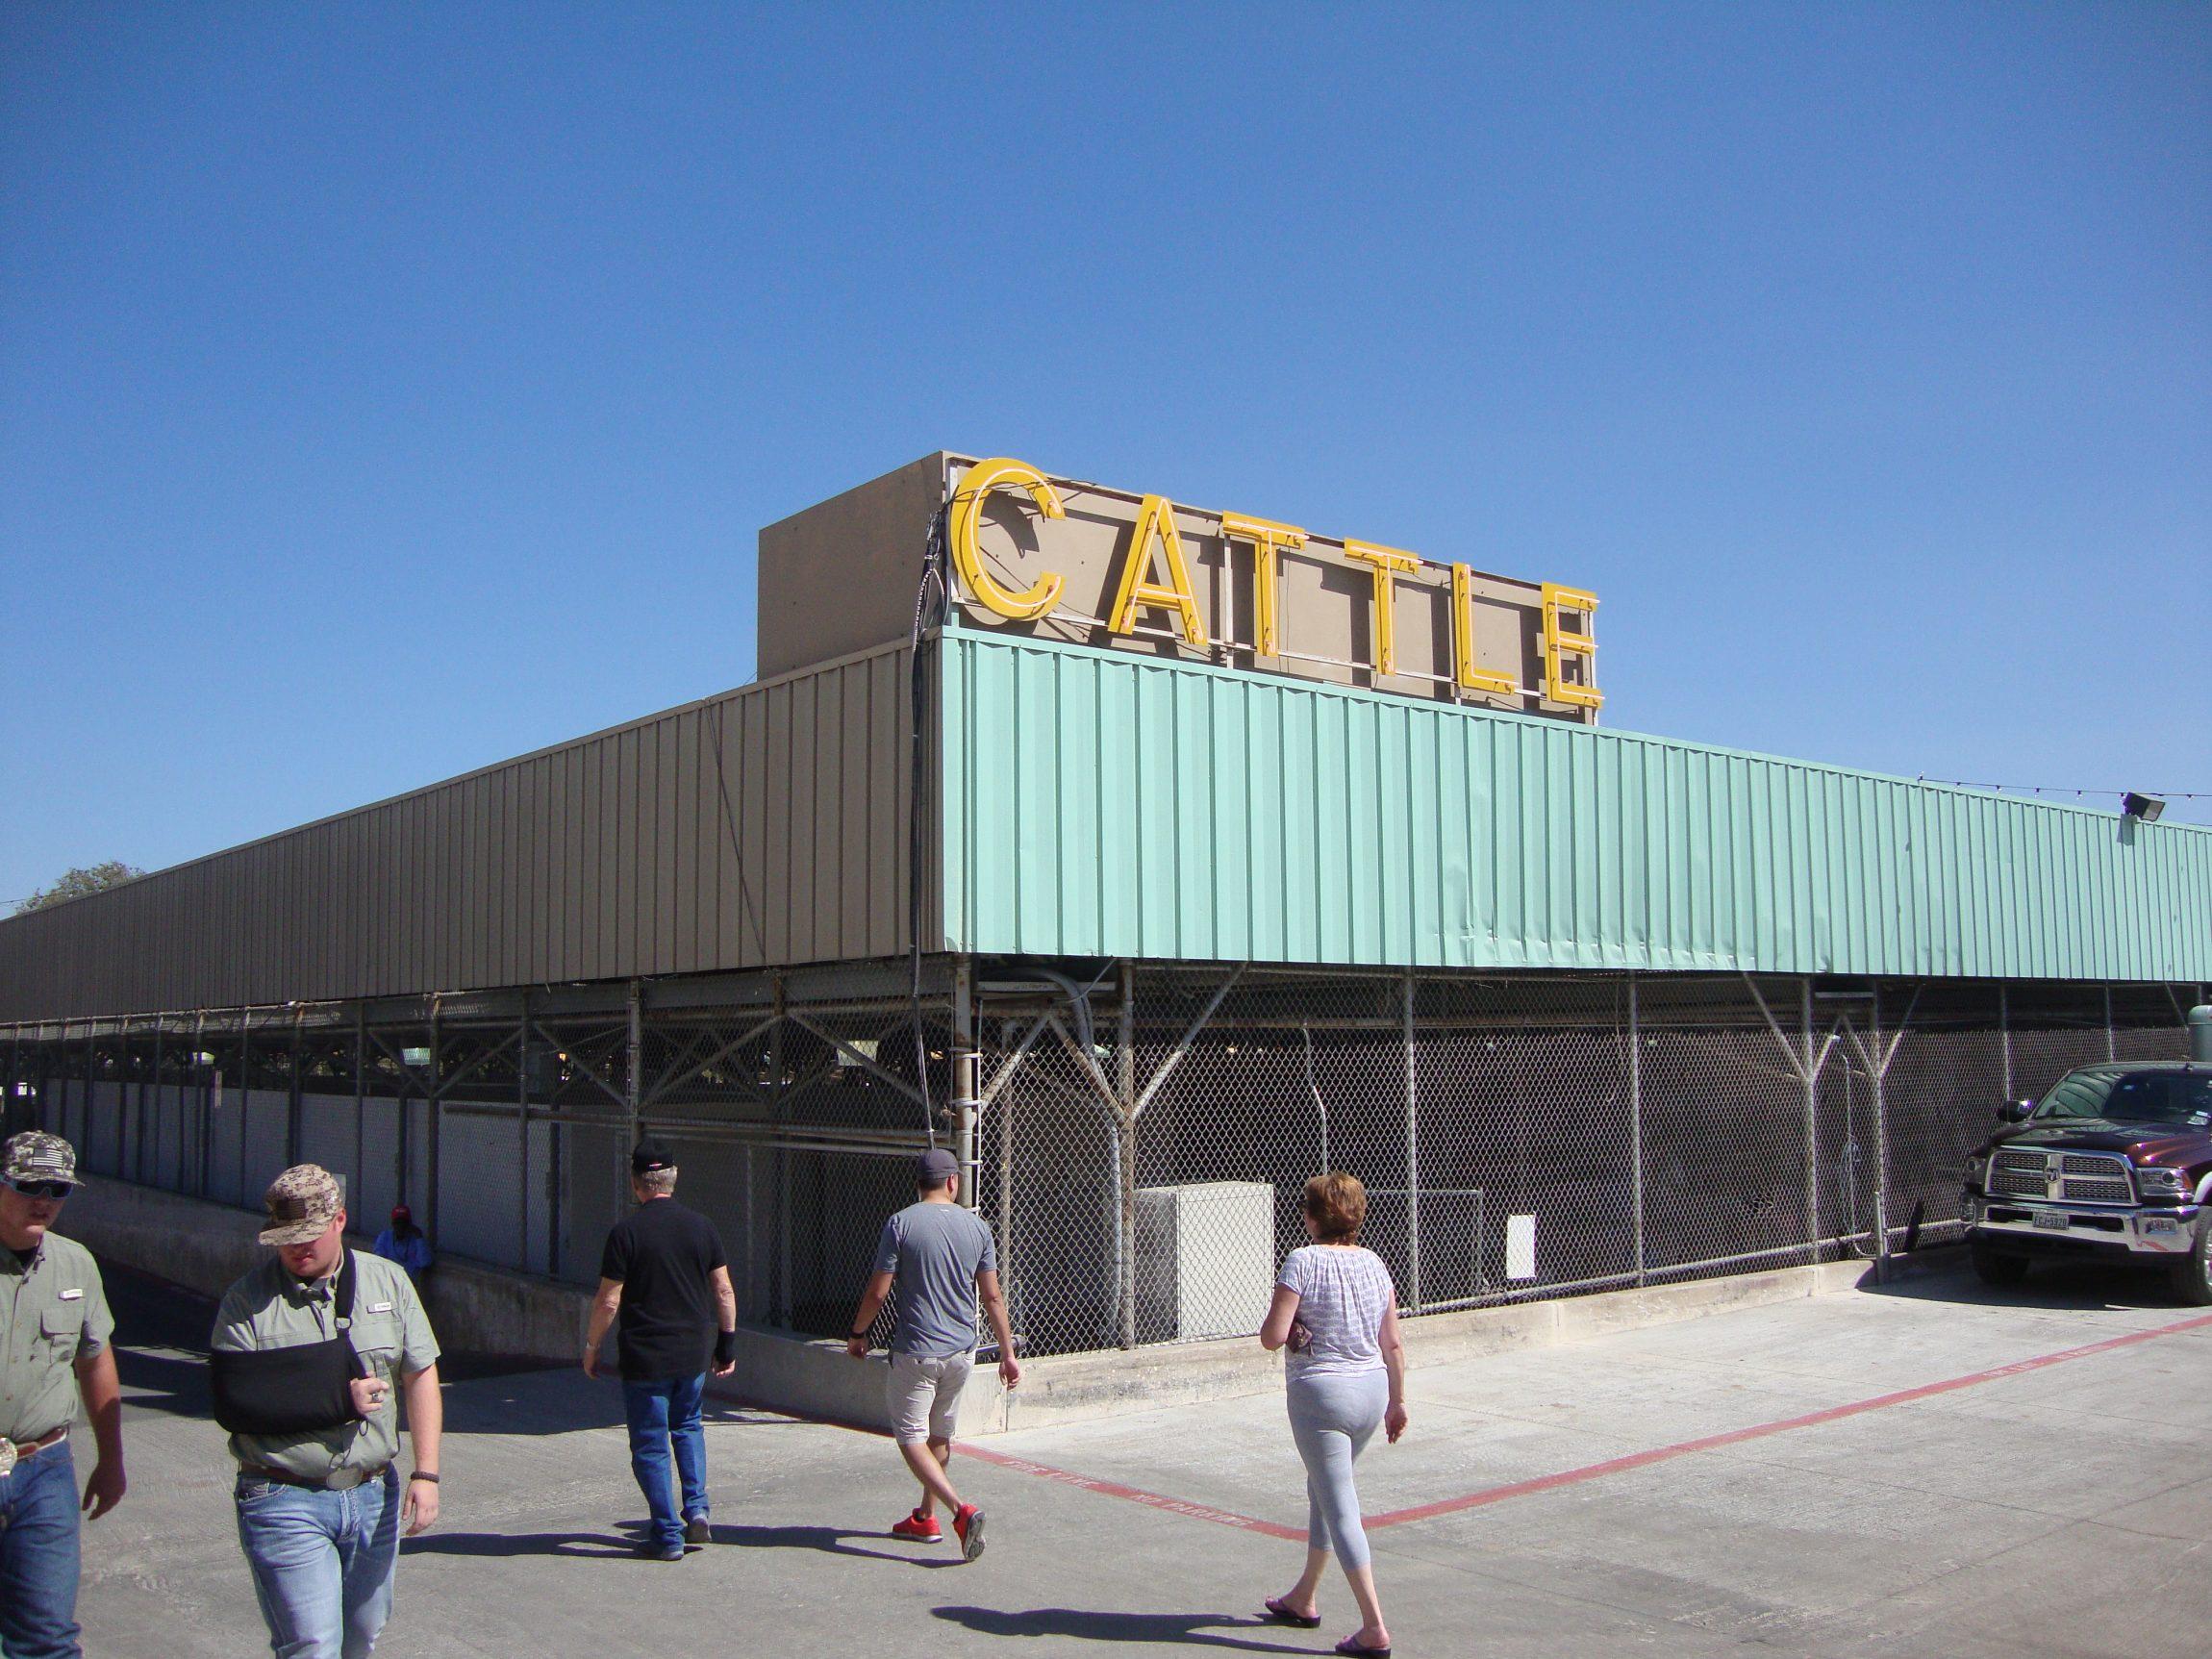 Texas_State_Fair_cattle-barn5